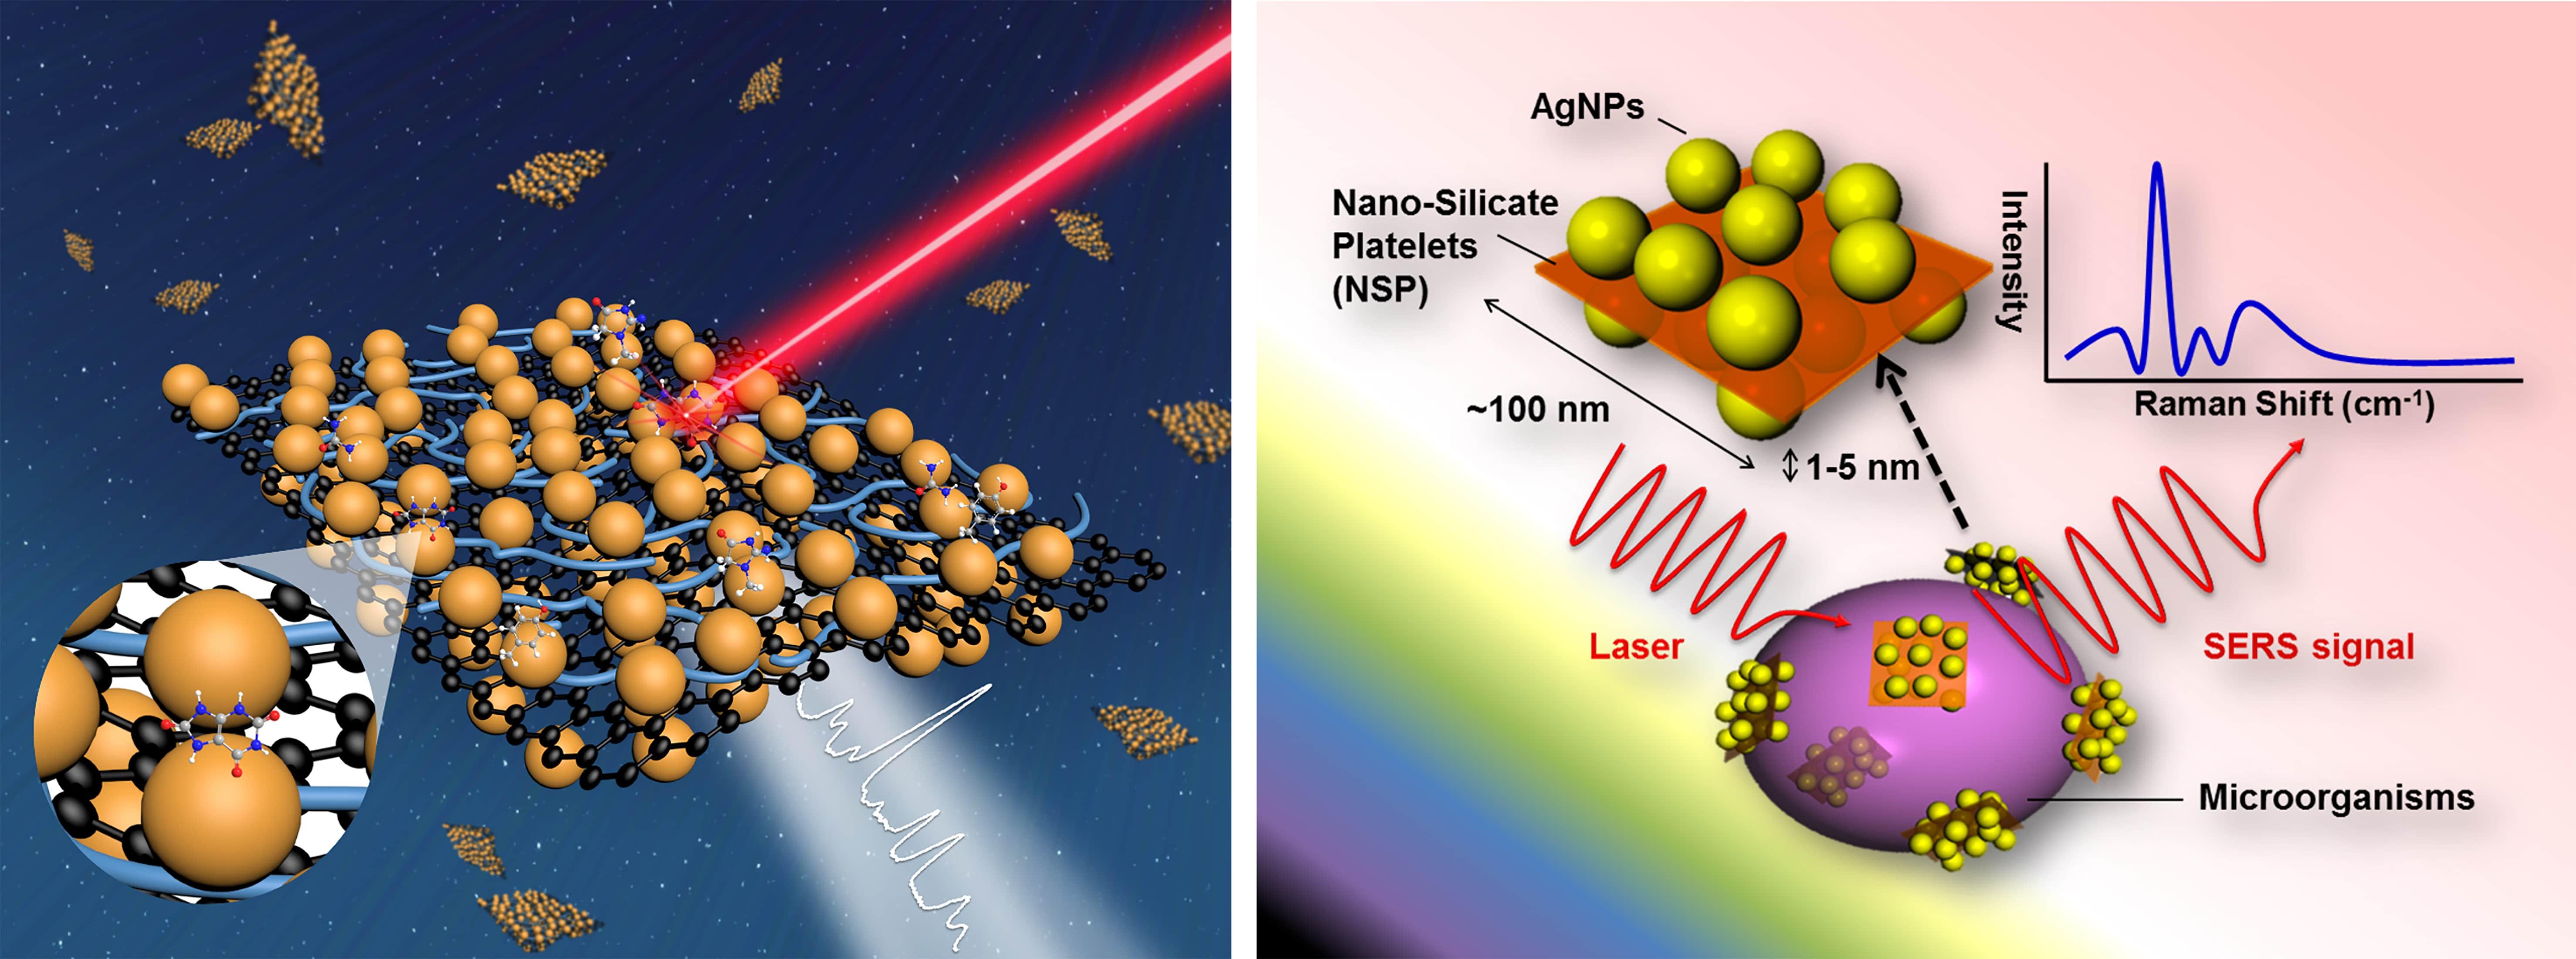 磁性二維金屬奈米粒子陣列之表面增強拉曼光譜 (SERS)檢測平台於環境-生醫感測之應用